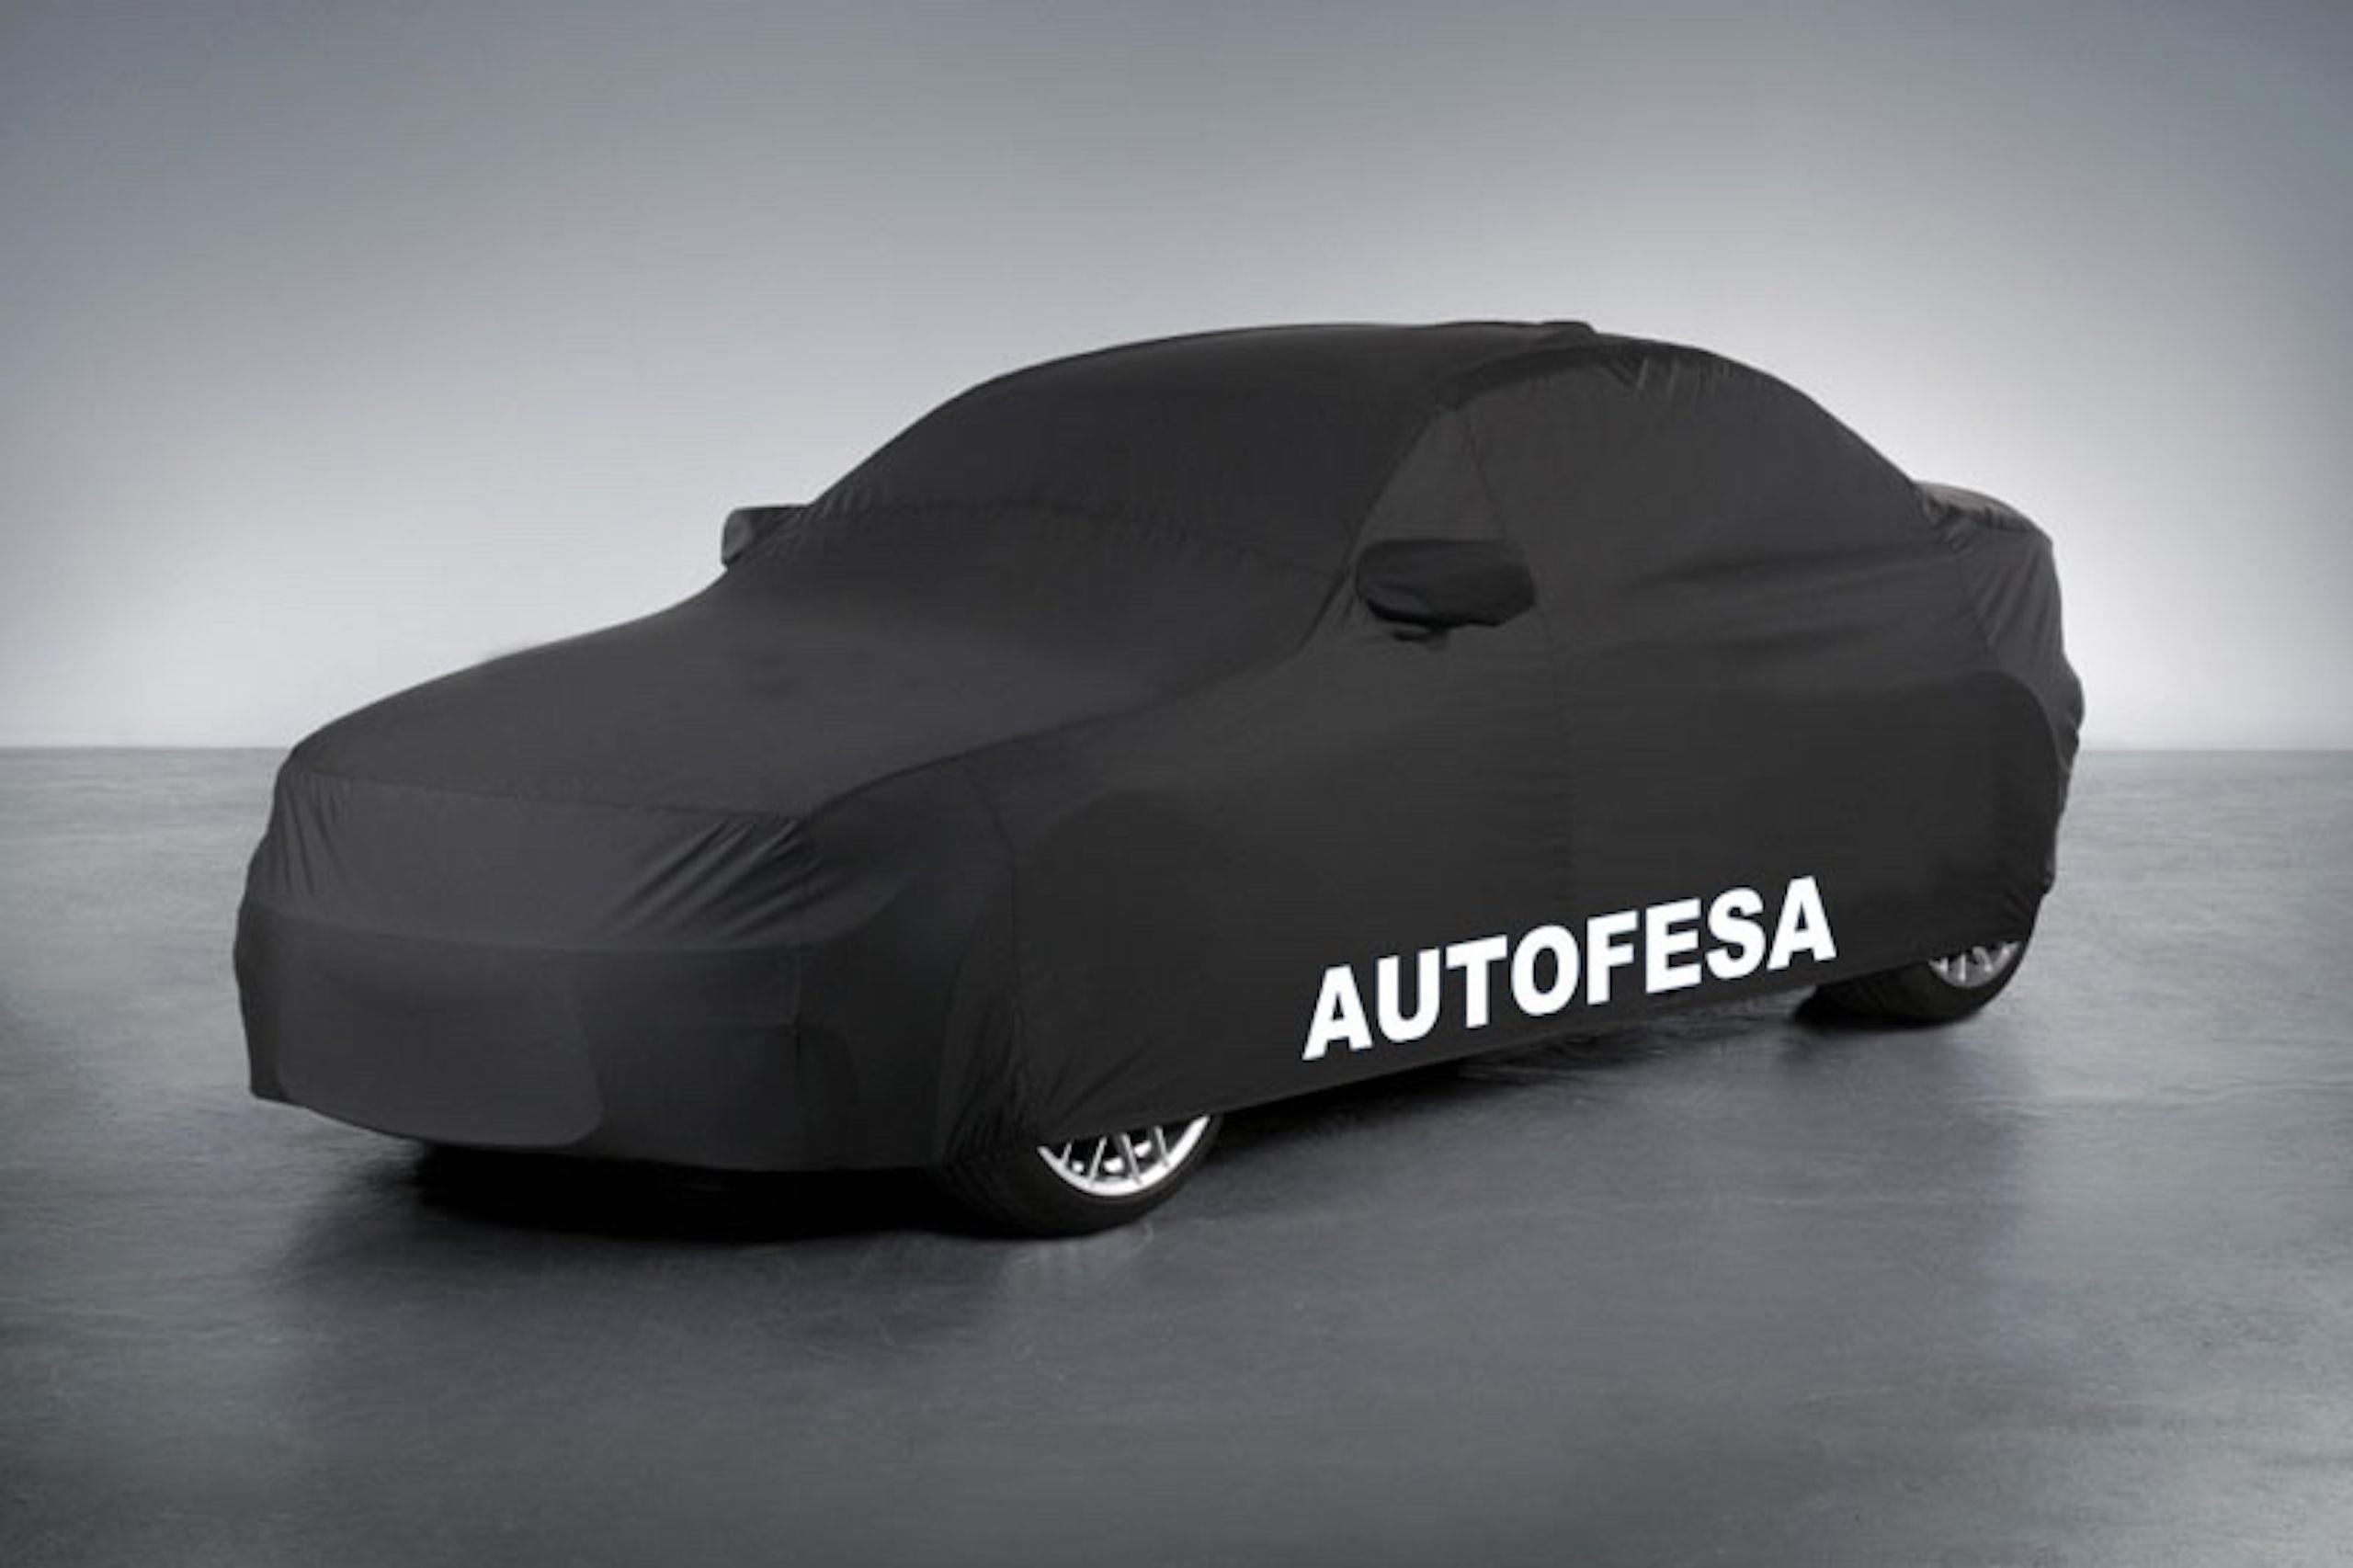 Mercedes-benz GLA 250 2.0 DCT 211cv AMG 4MATIC 7G Auto - Foto 32